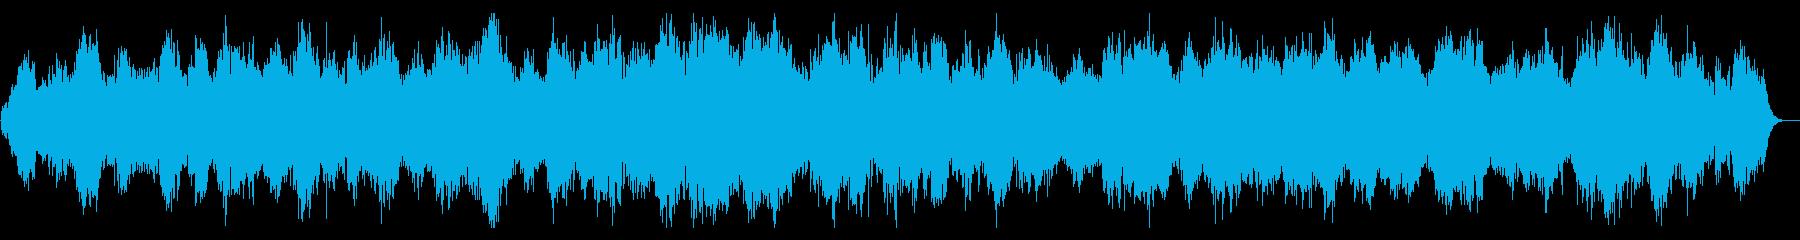 あやしいオバさん❤洞窟で歌う✡都市伝説✡の再生済みの波形